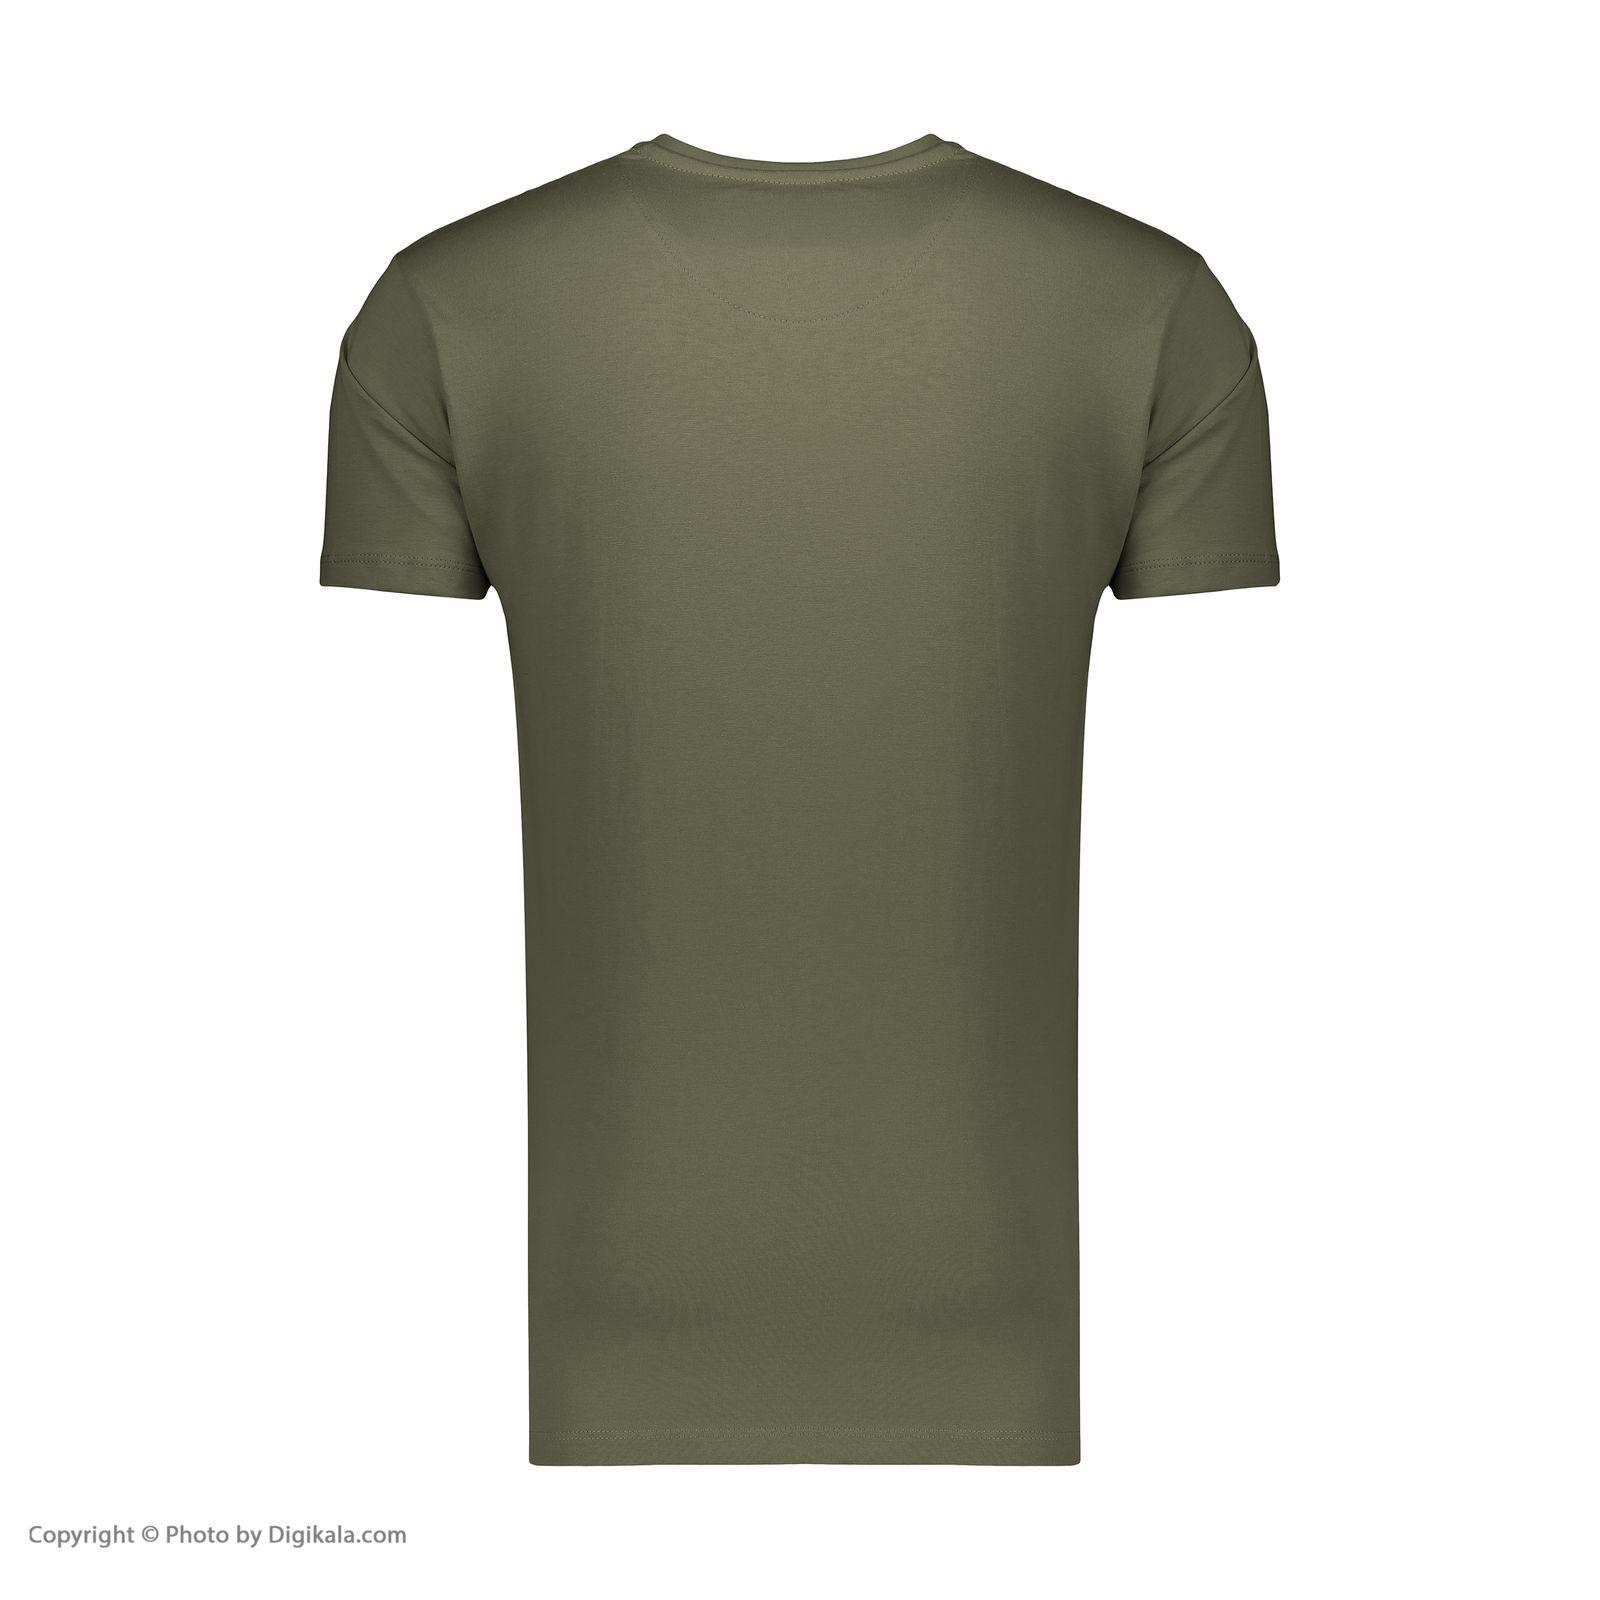 تیشرت مردانه رونی مدل 31110004-23 -  - 3